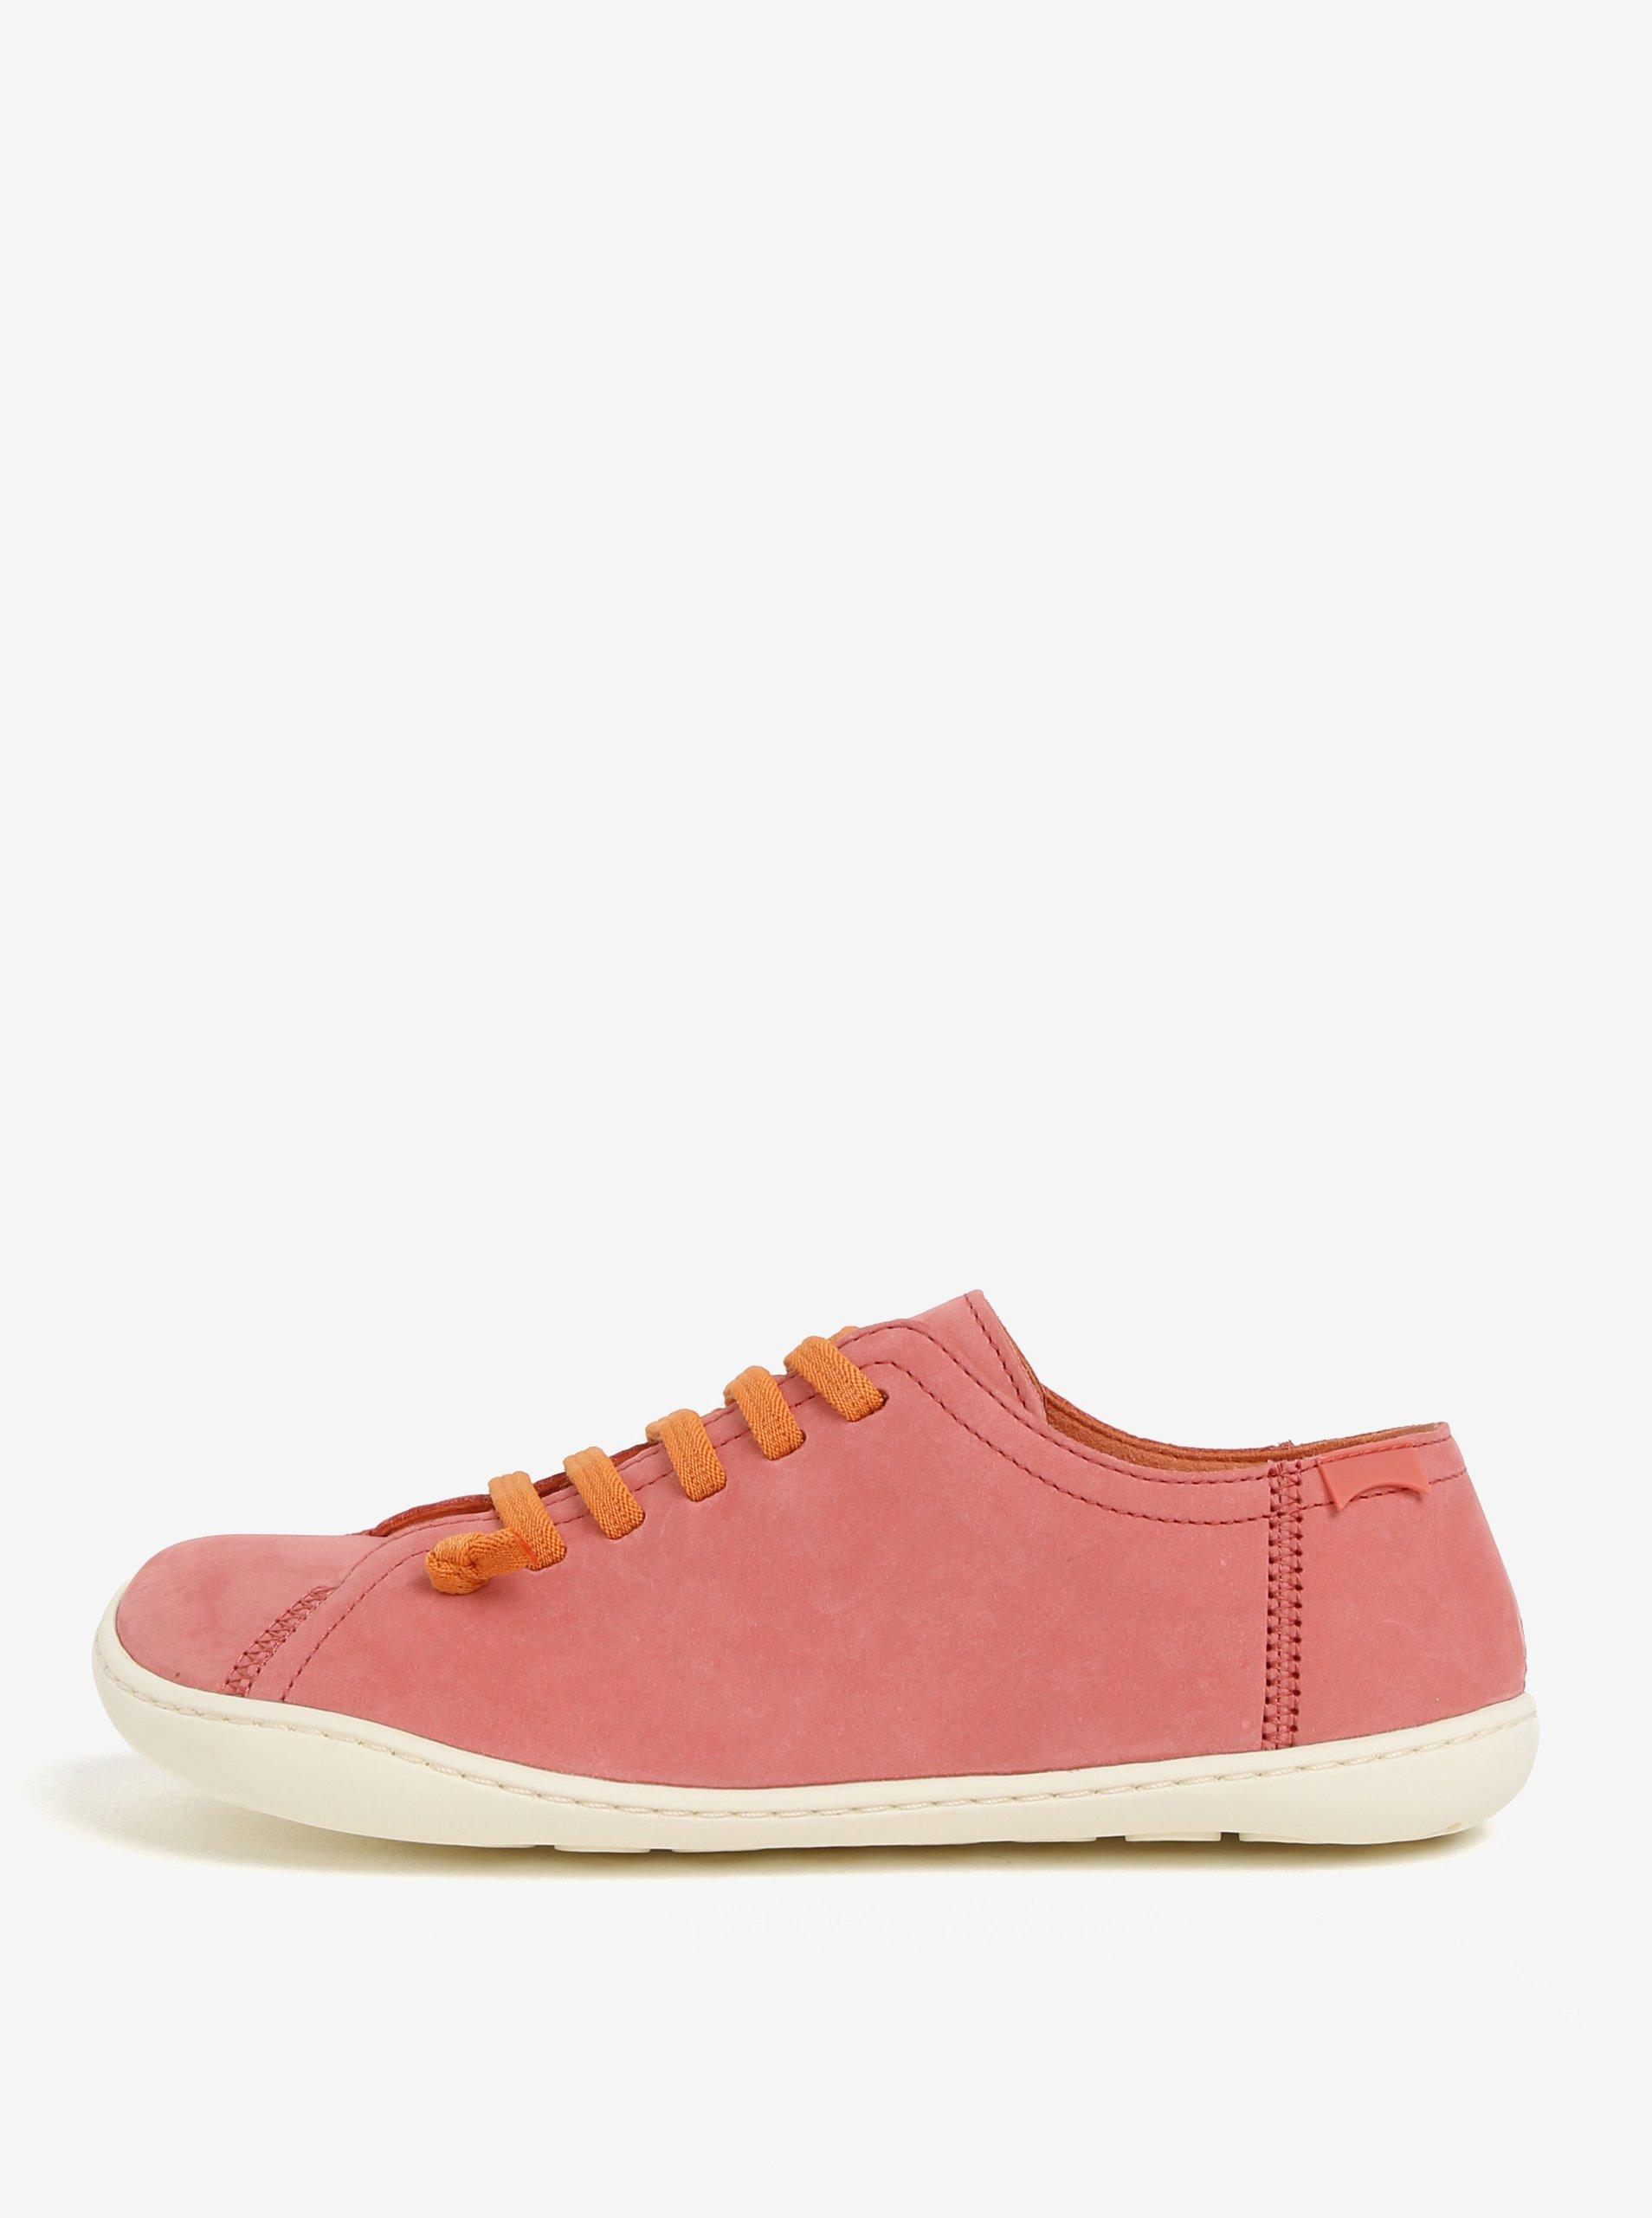 ab23413a712a Ružové dámske kožené tenisky Camper Peu